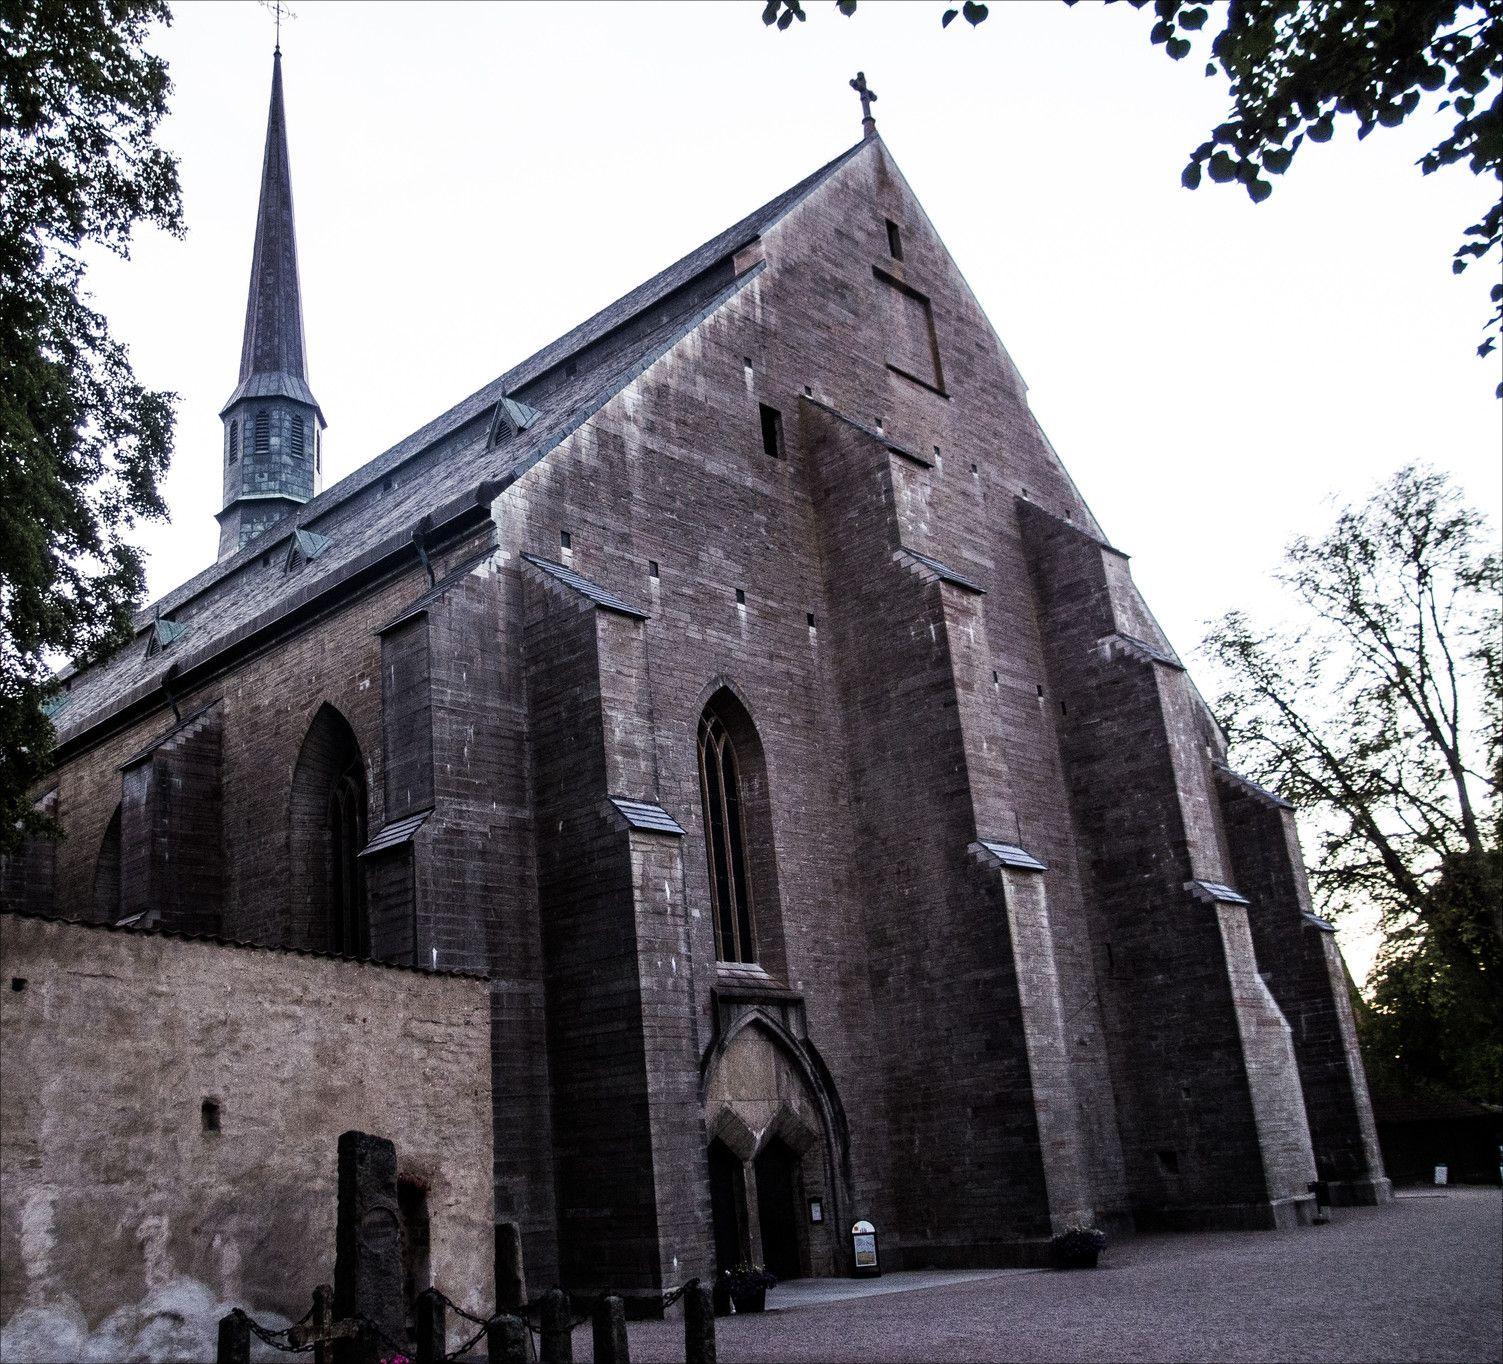 07 - Vadstena Kloster.jpg